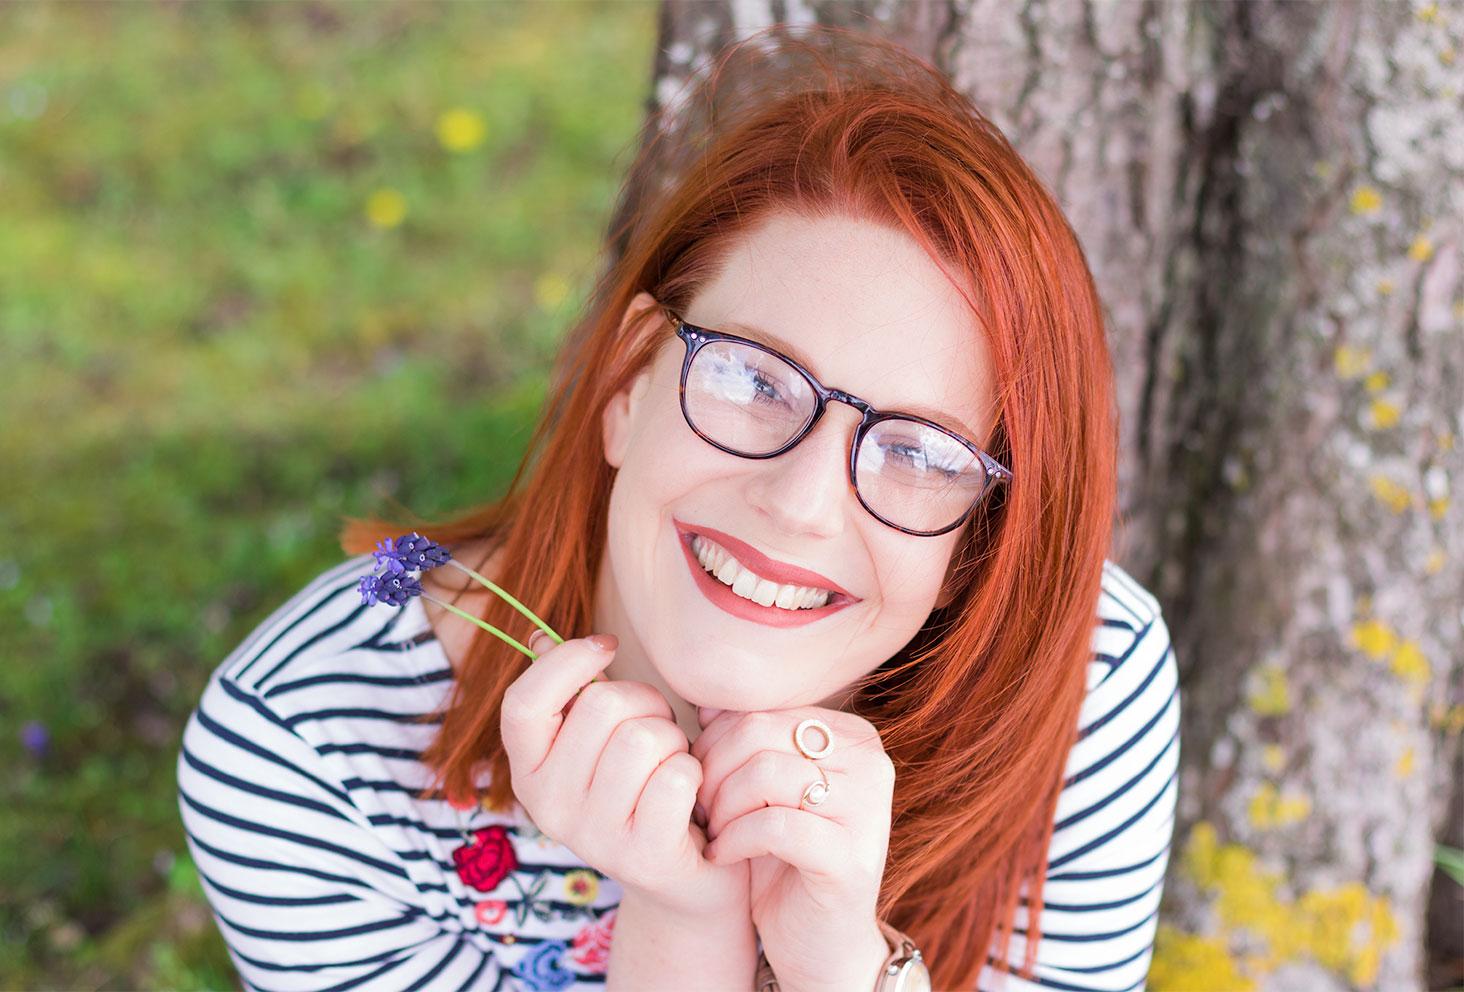 Zoom sourire et cheveux roux assise contre un arbre